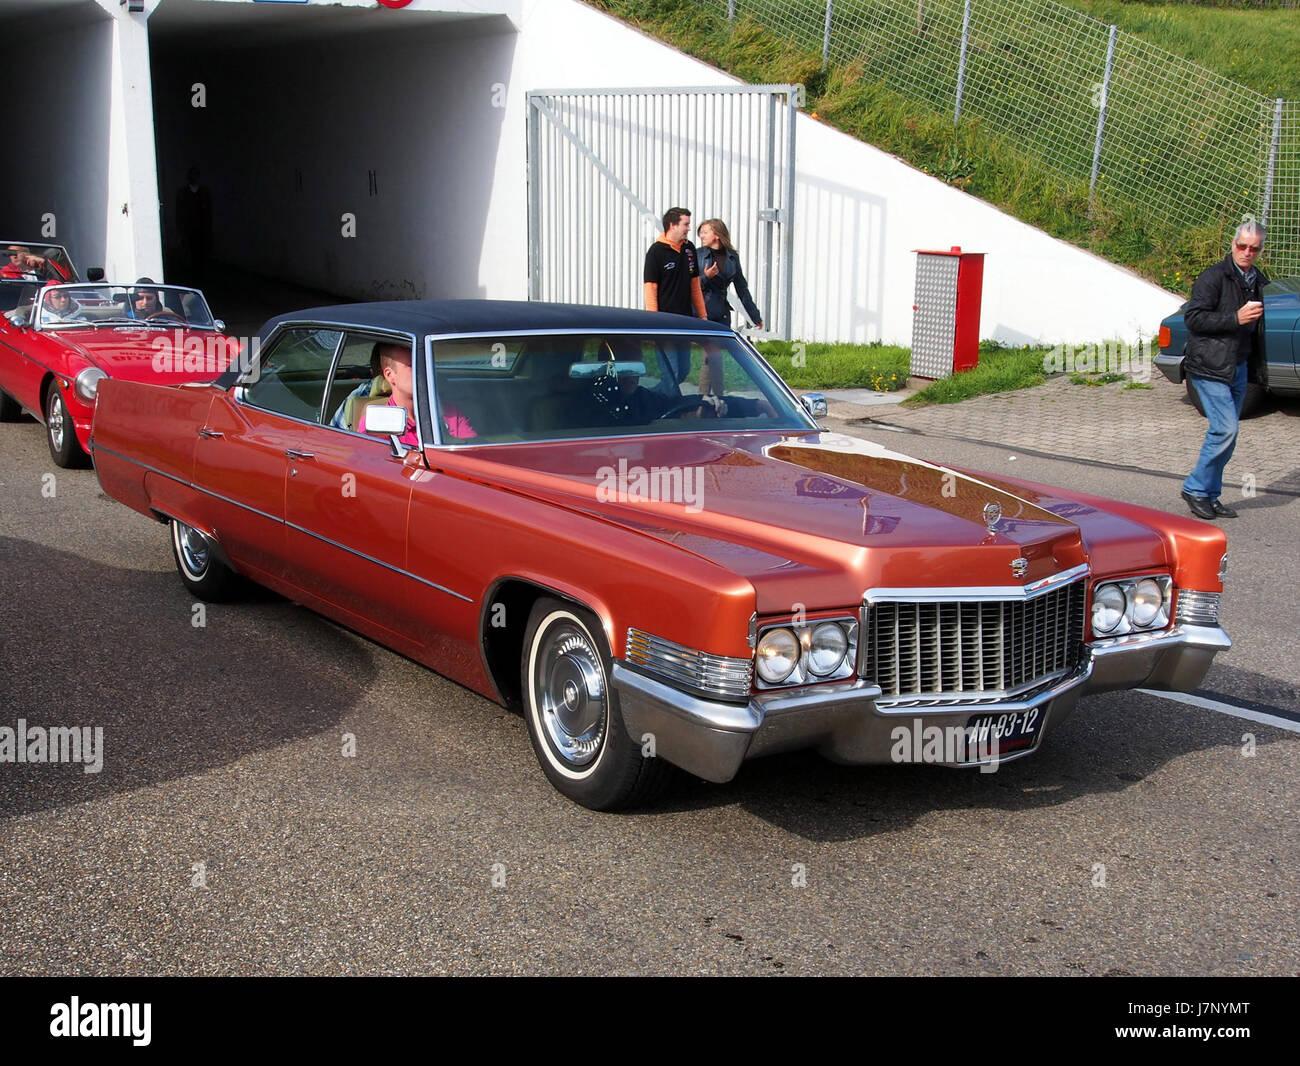 1970 Cadillac Dedan De Ville - Stock Image